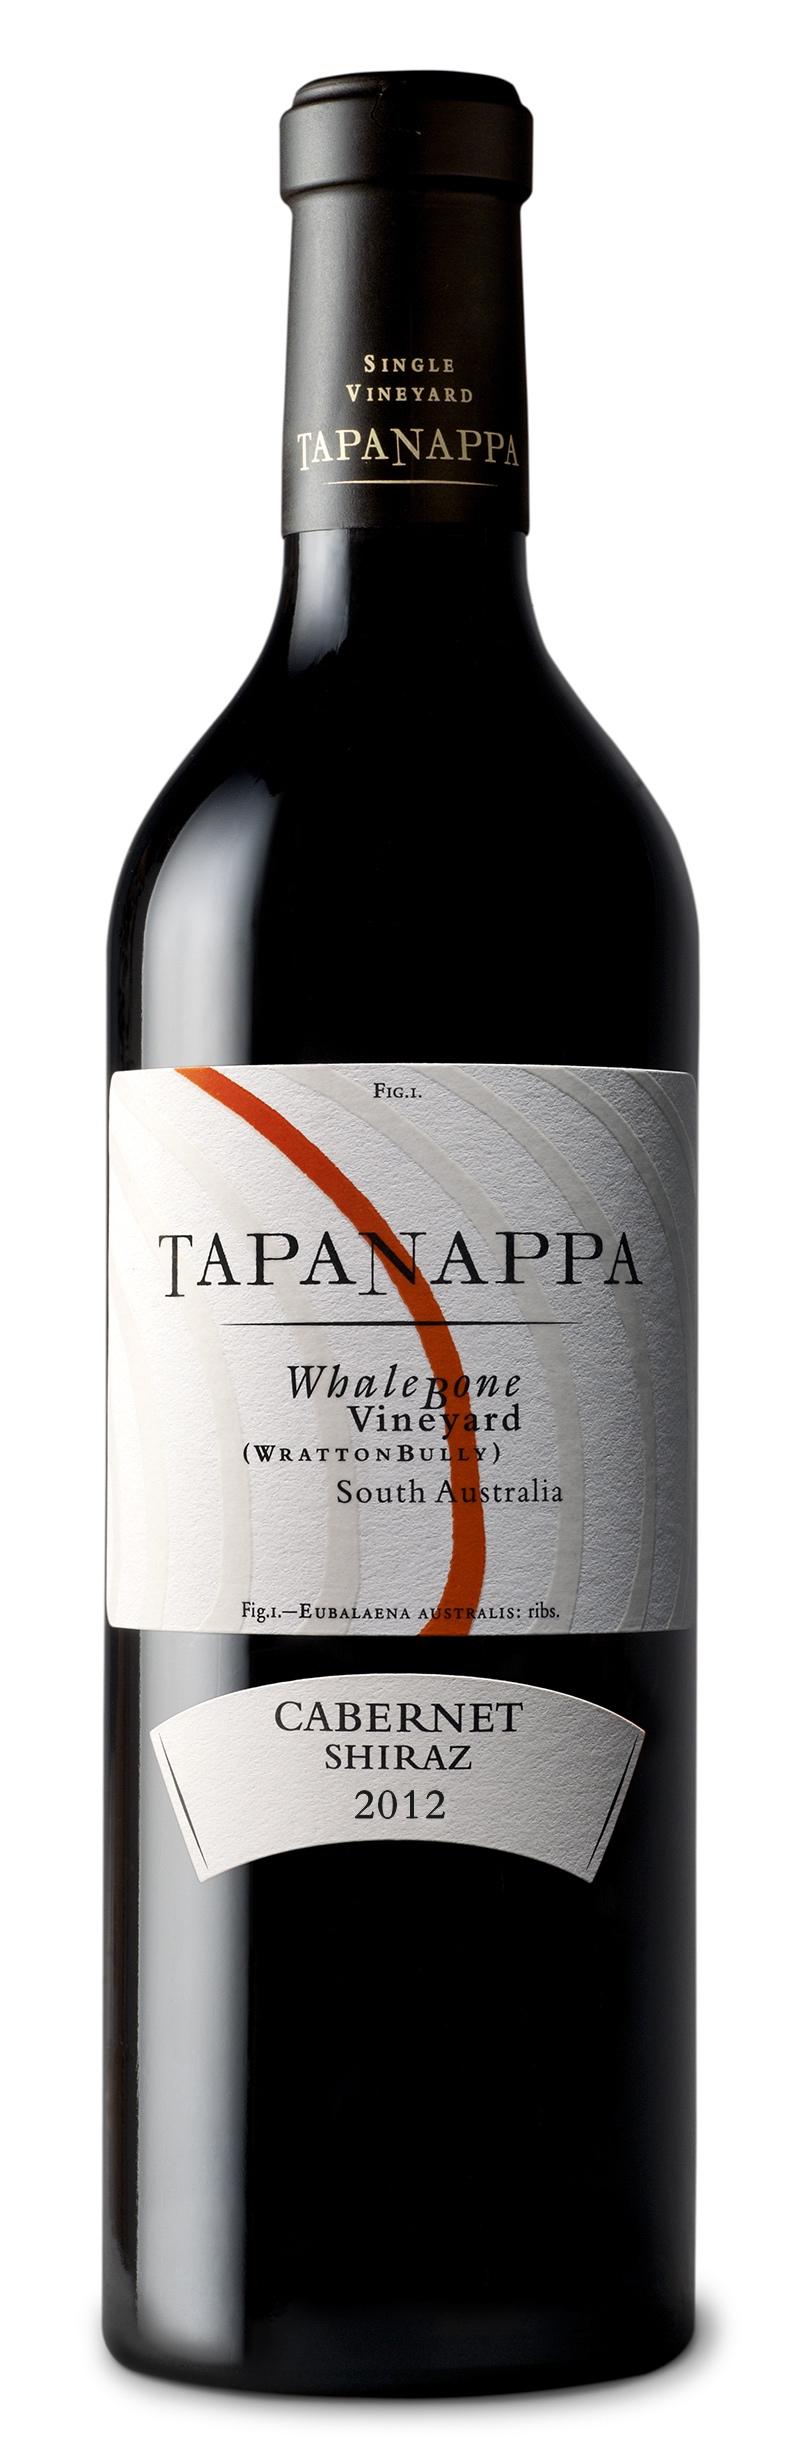 Whalebone Vineyard 2012 Cabernet Shiraz